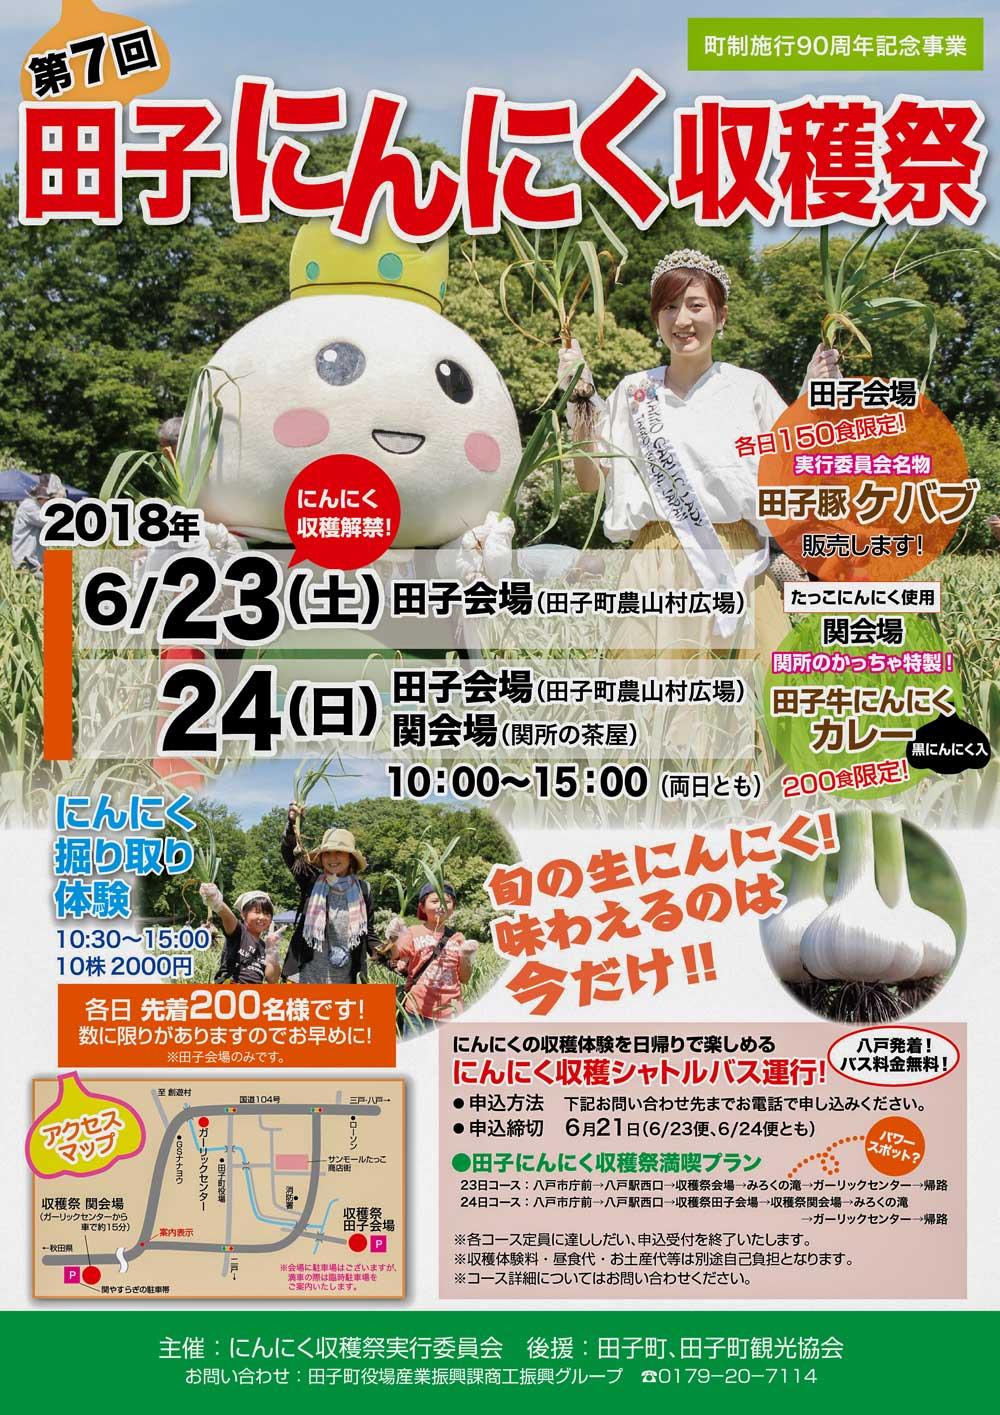 第7回 田子にんにく収穫祭2018 ポスター